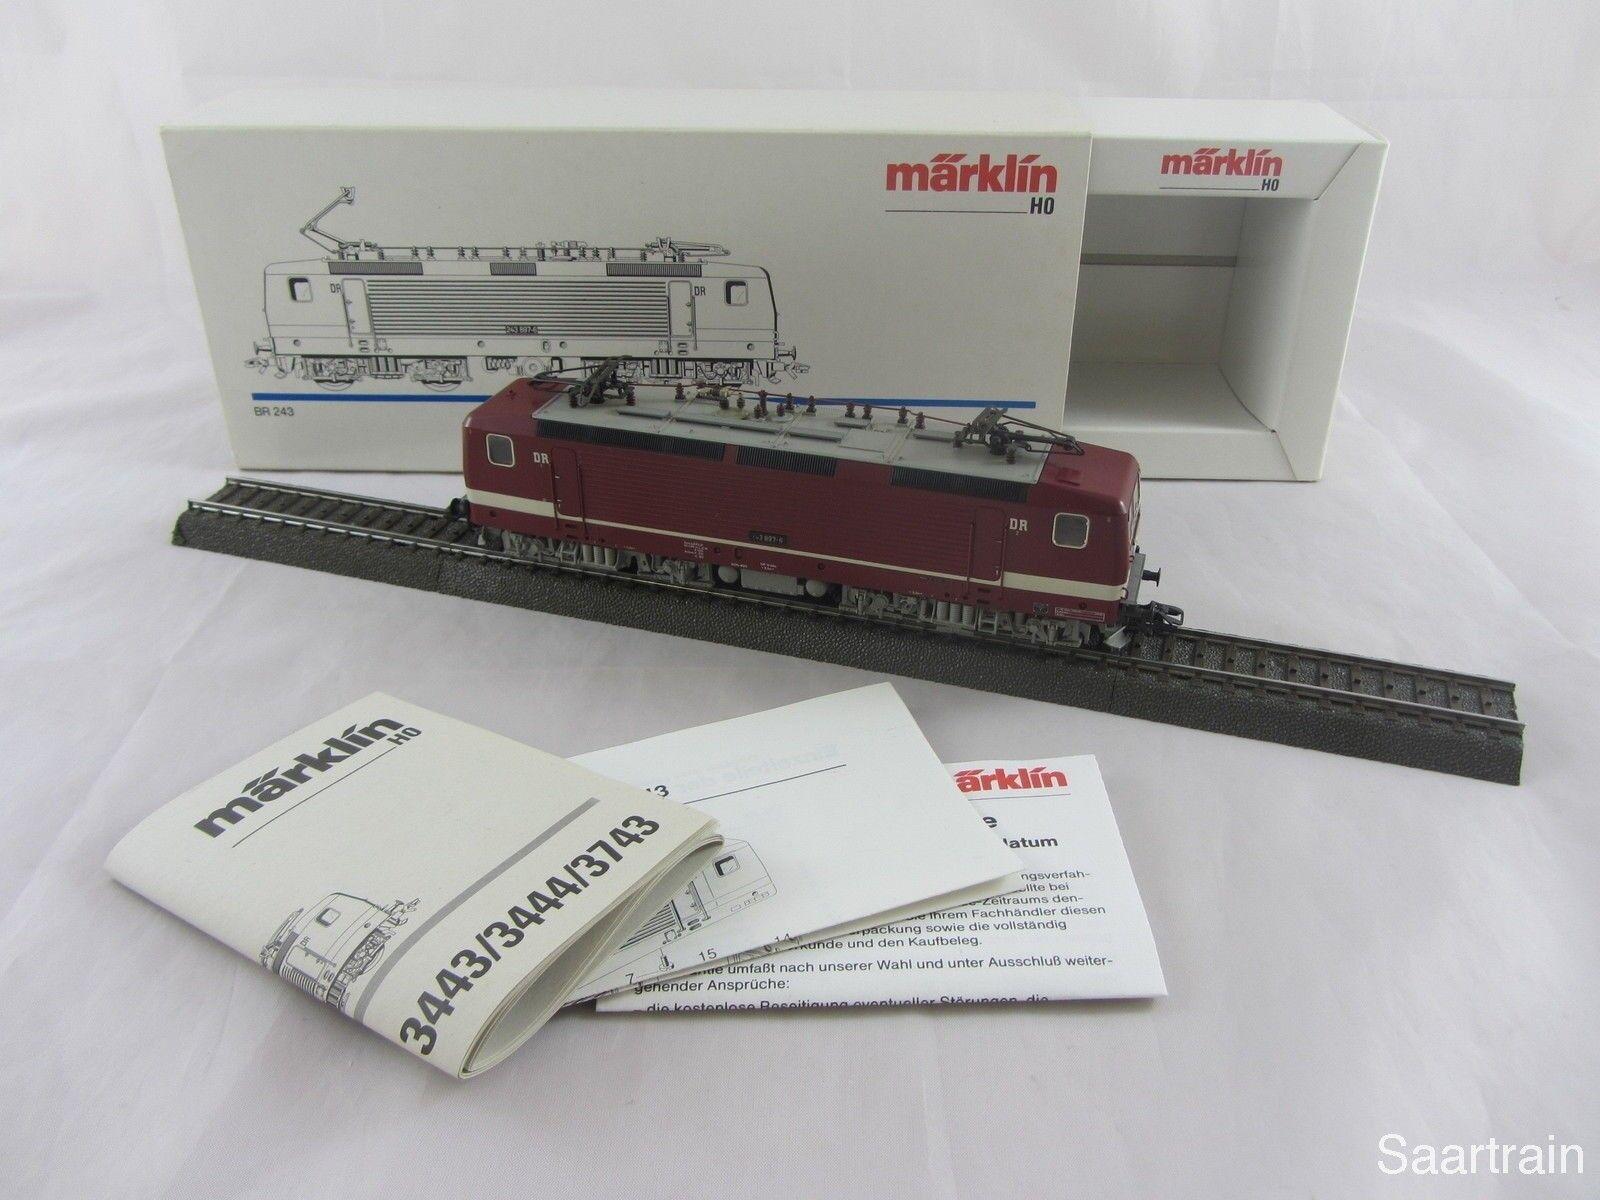 Märklin 3443 serie 243 897 6 de la Dr en rosso muy buen estado y con embalaje original